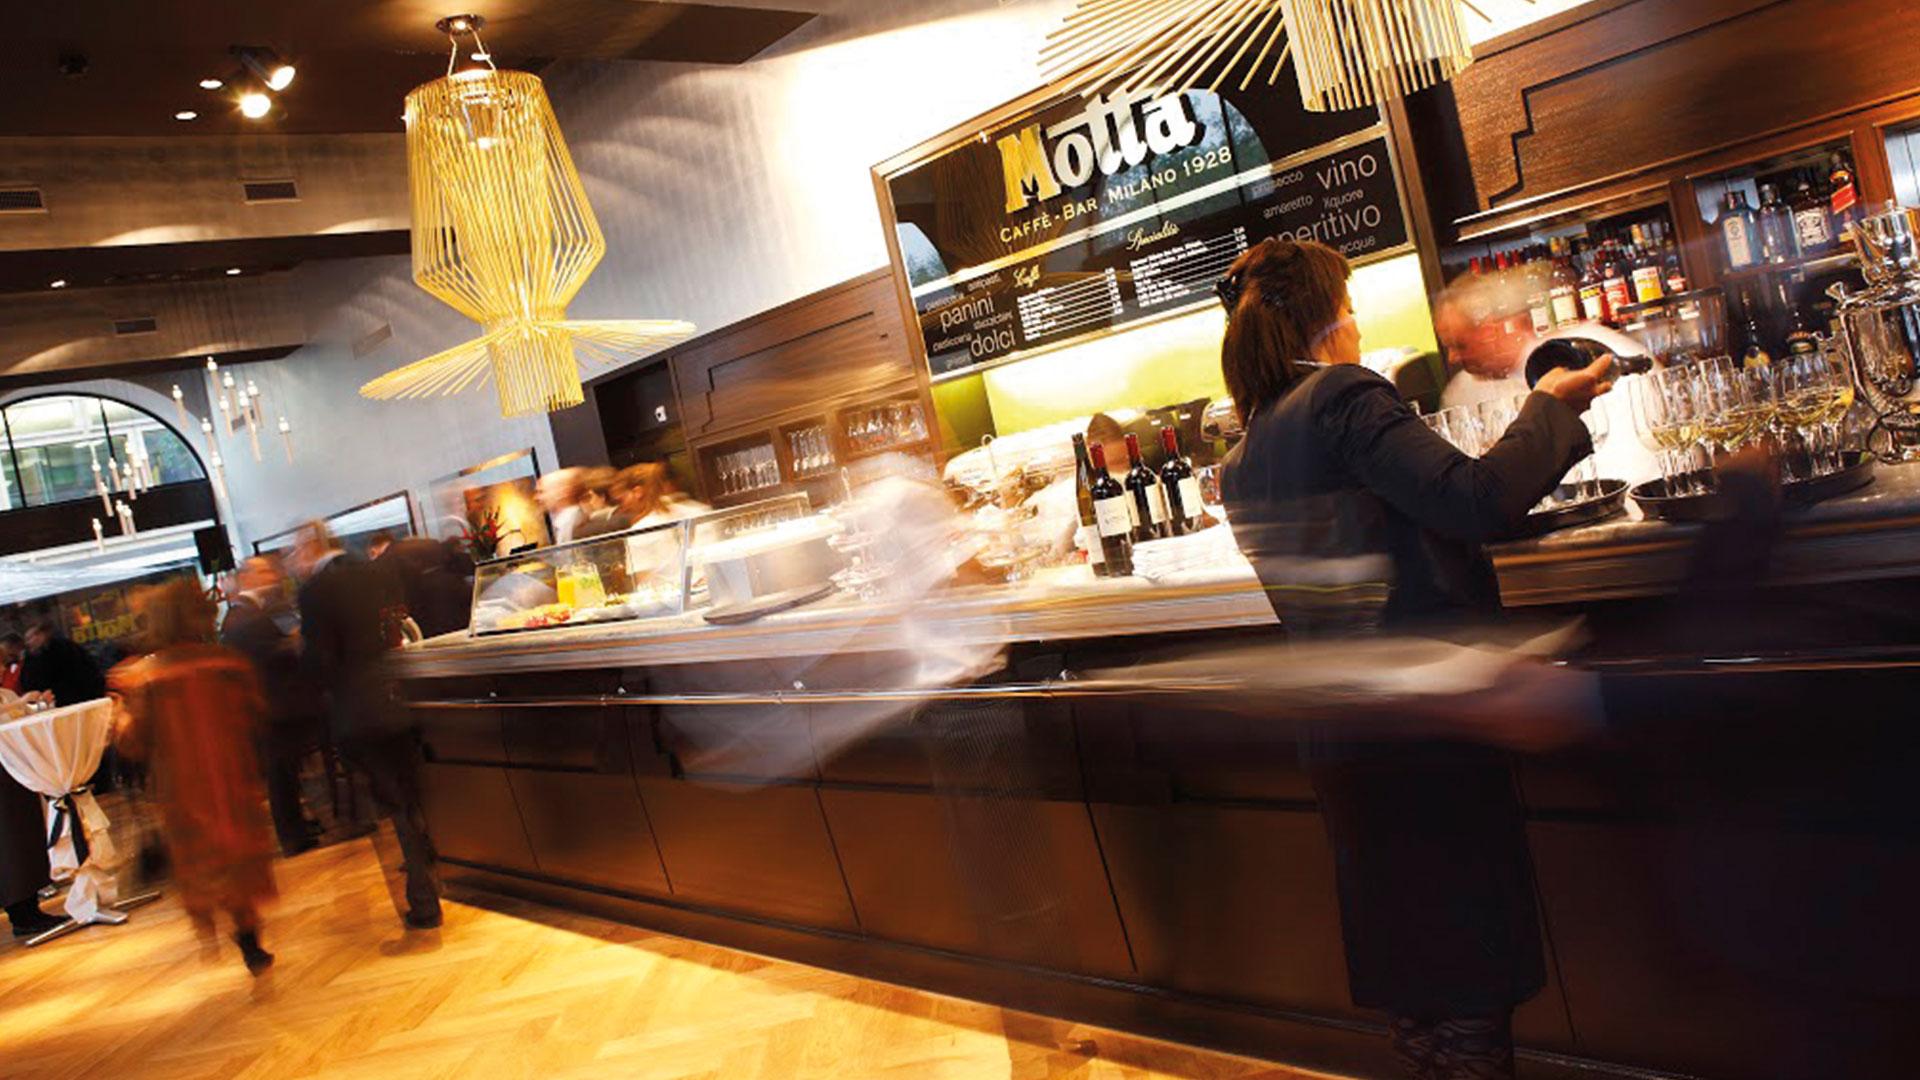 artomis gmbh |möbel - gastro - einrichtungen |gran cafe motta